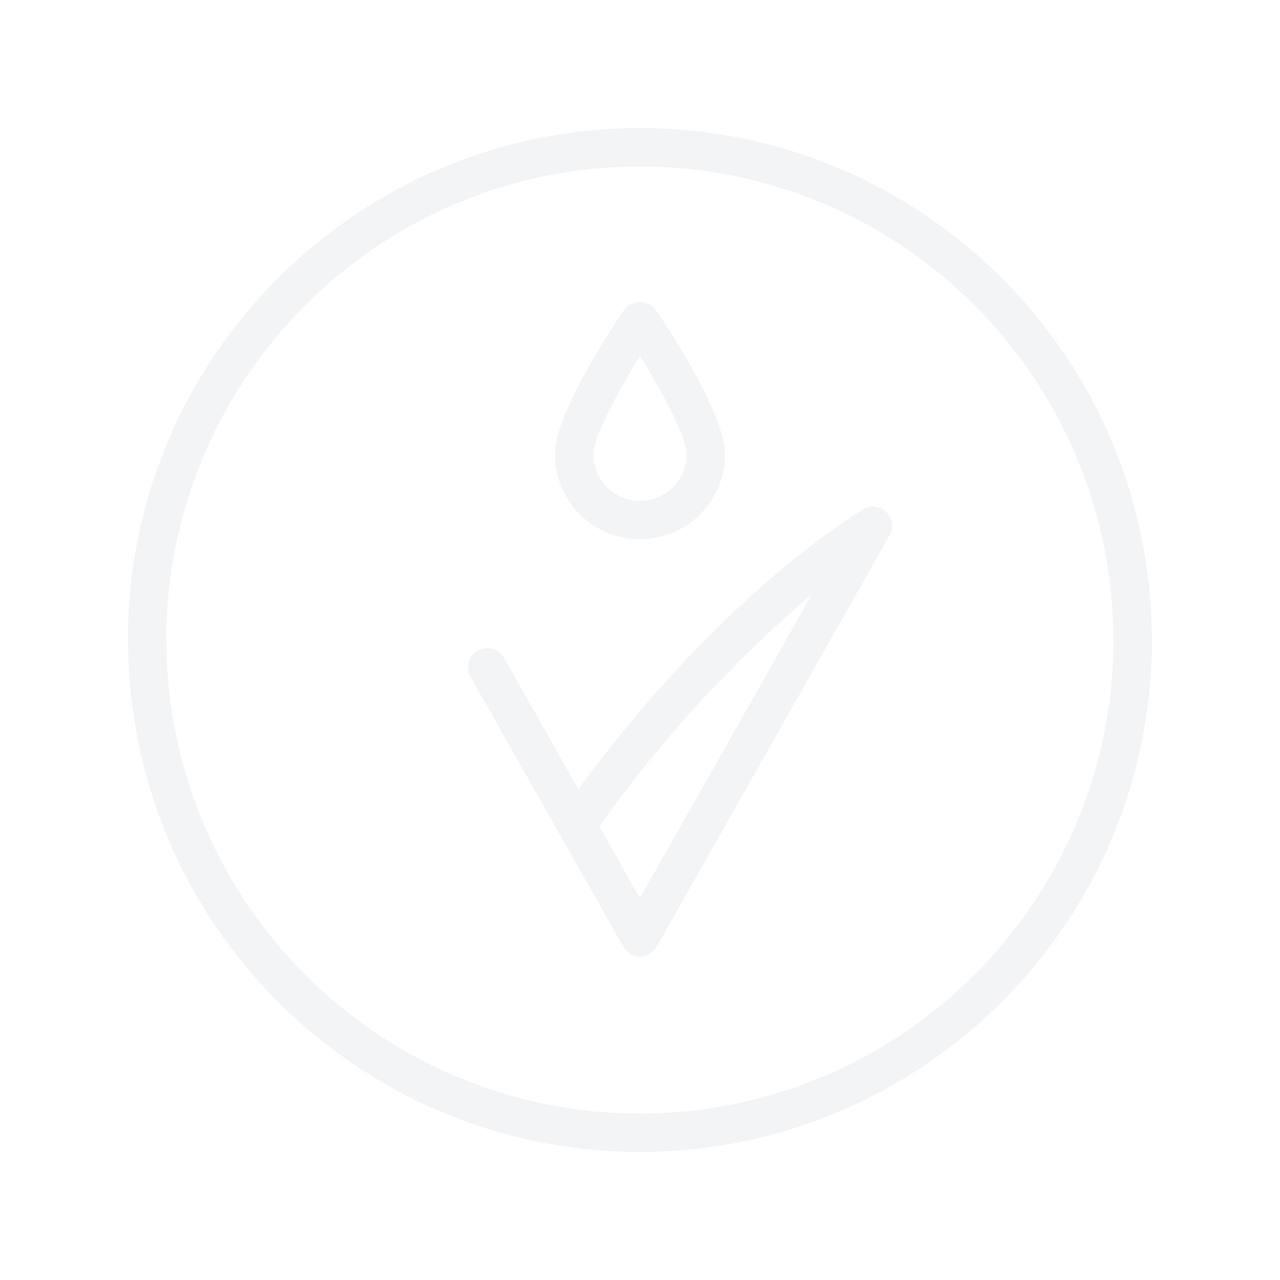 GOSH Fresh Up Clear Dry Shampoo 150ml